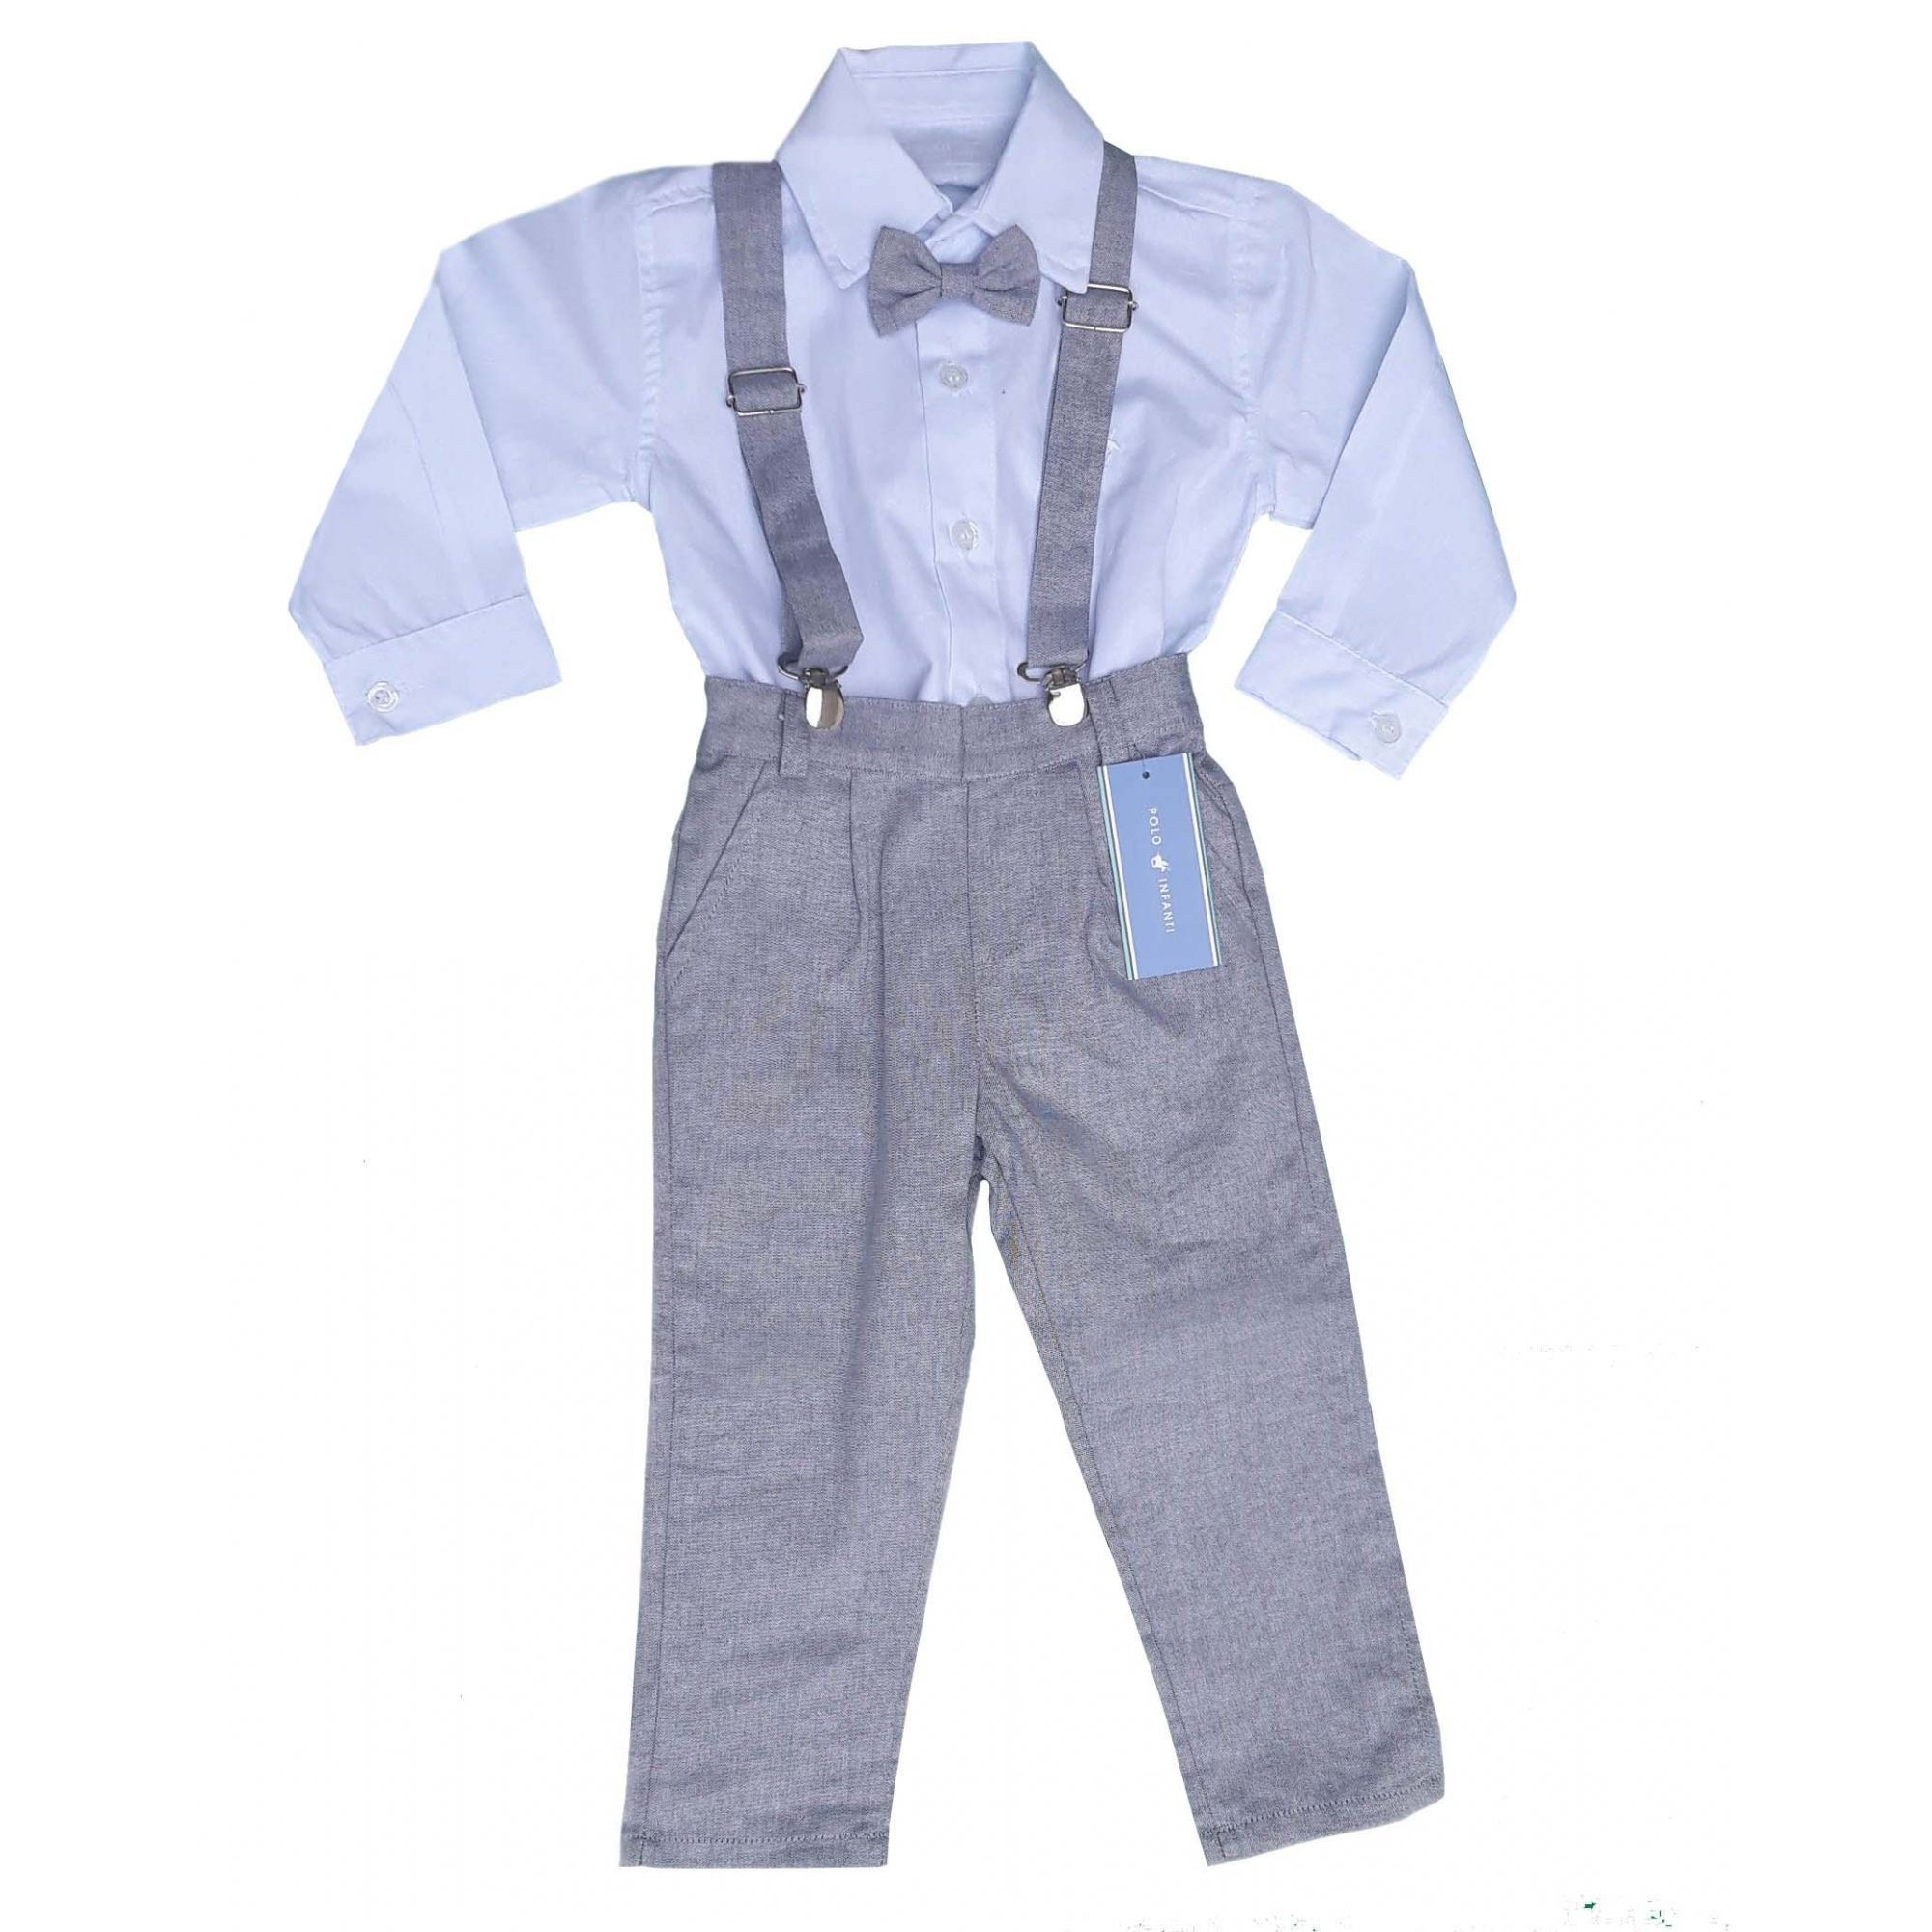 49188a94e1 ... CONJUNTO SOCIAL COM SUSPENSÓRIO - Lilac Boutique Infantil ...